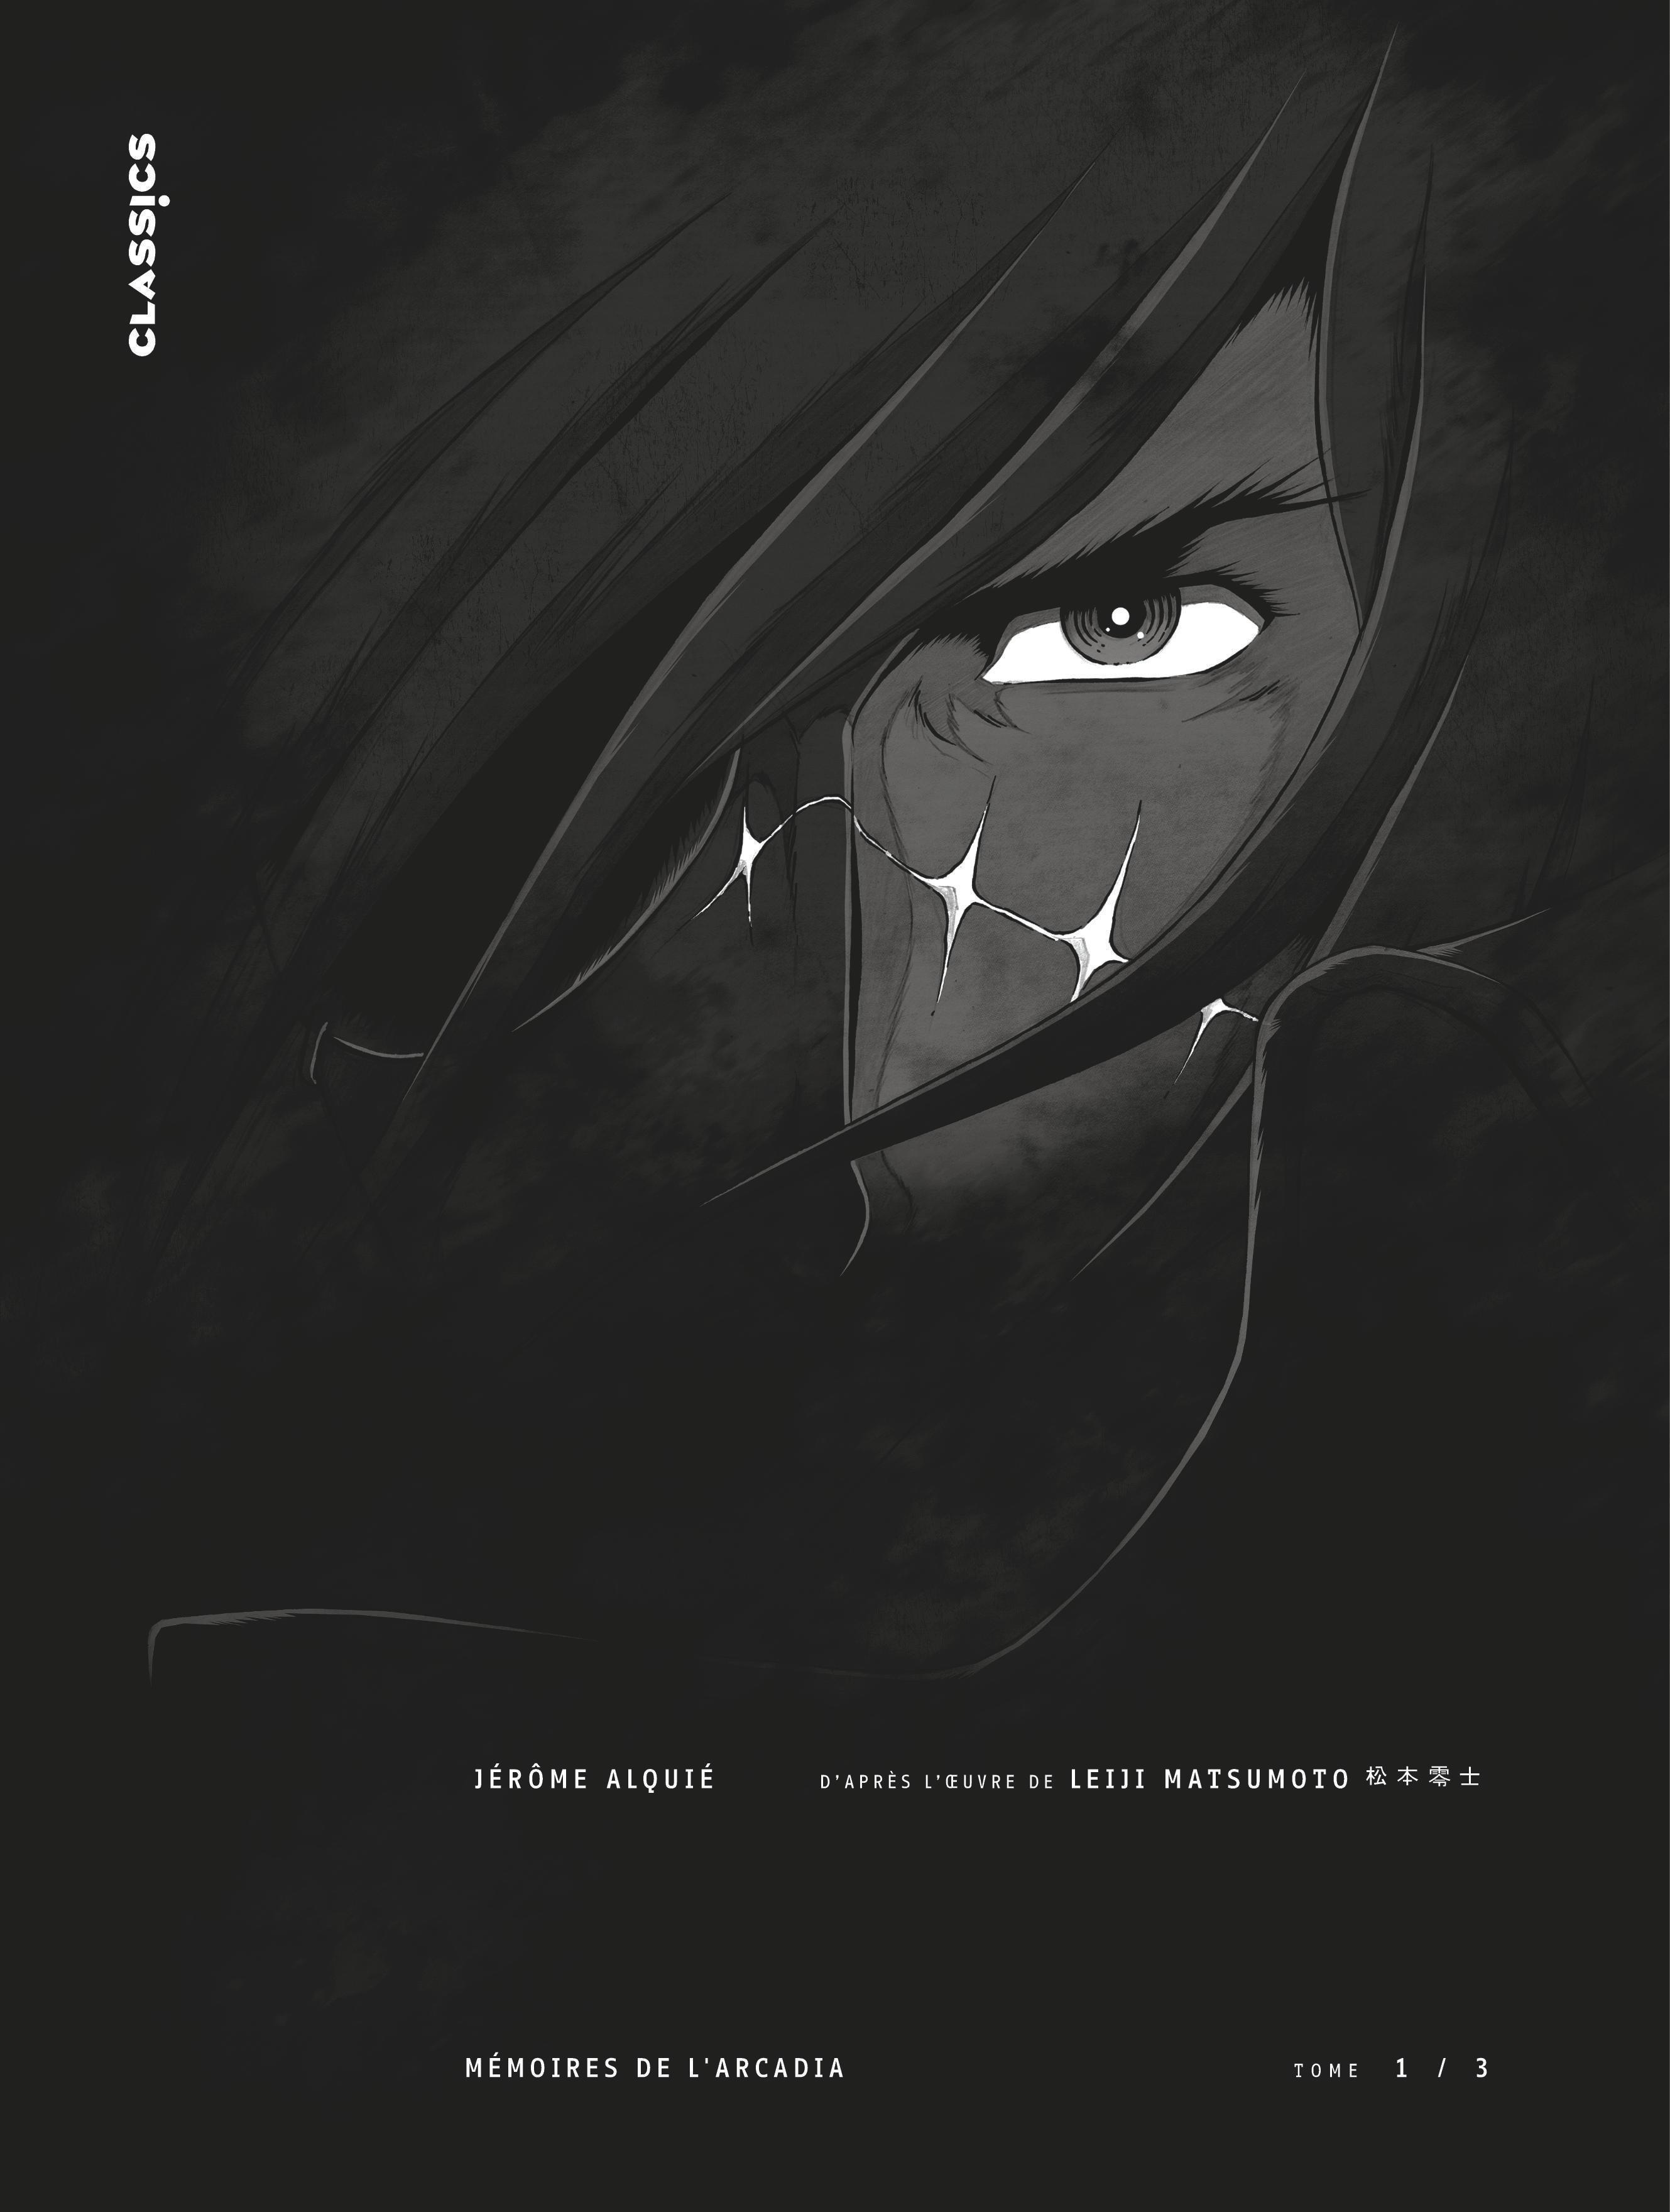 CAPITAINE ALBATOR - MEMOIRES DE L'ARCADIA, TOME 1